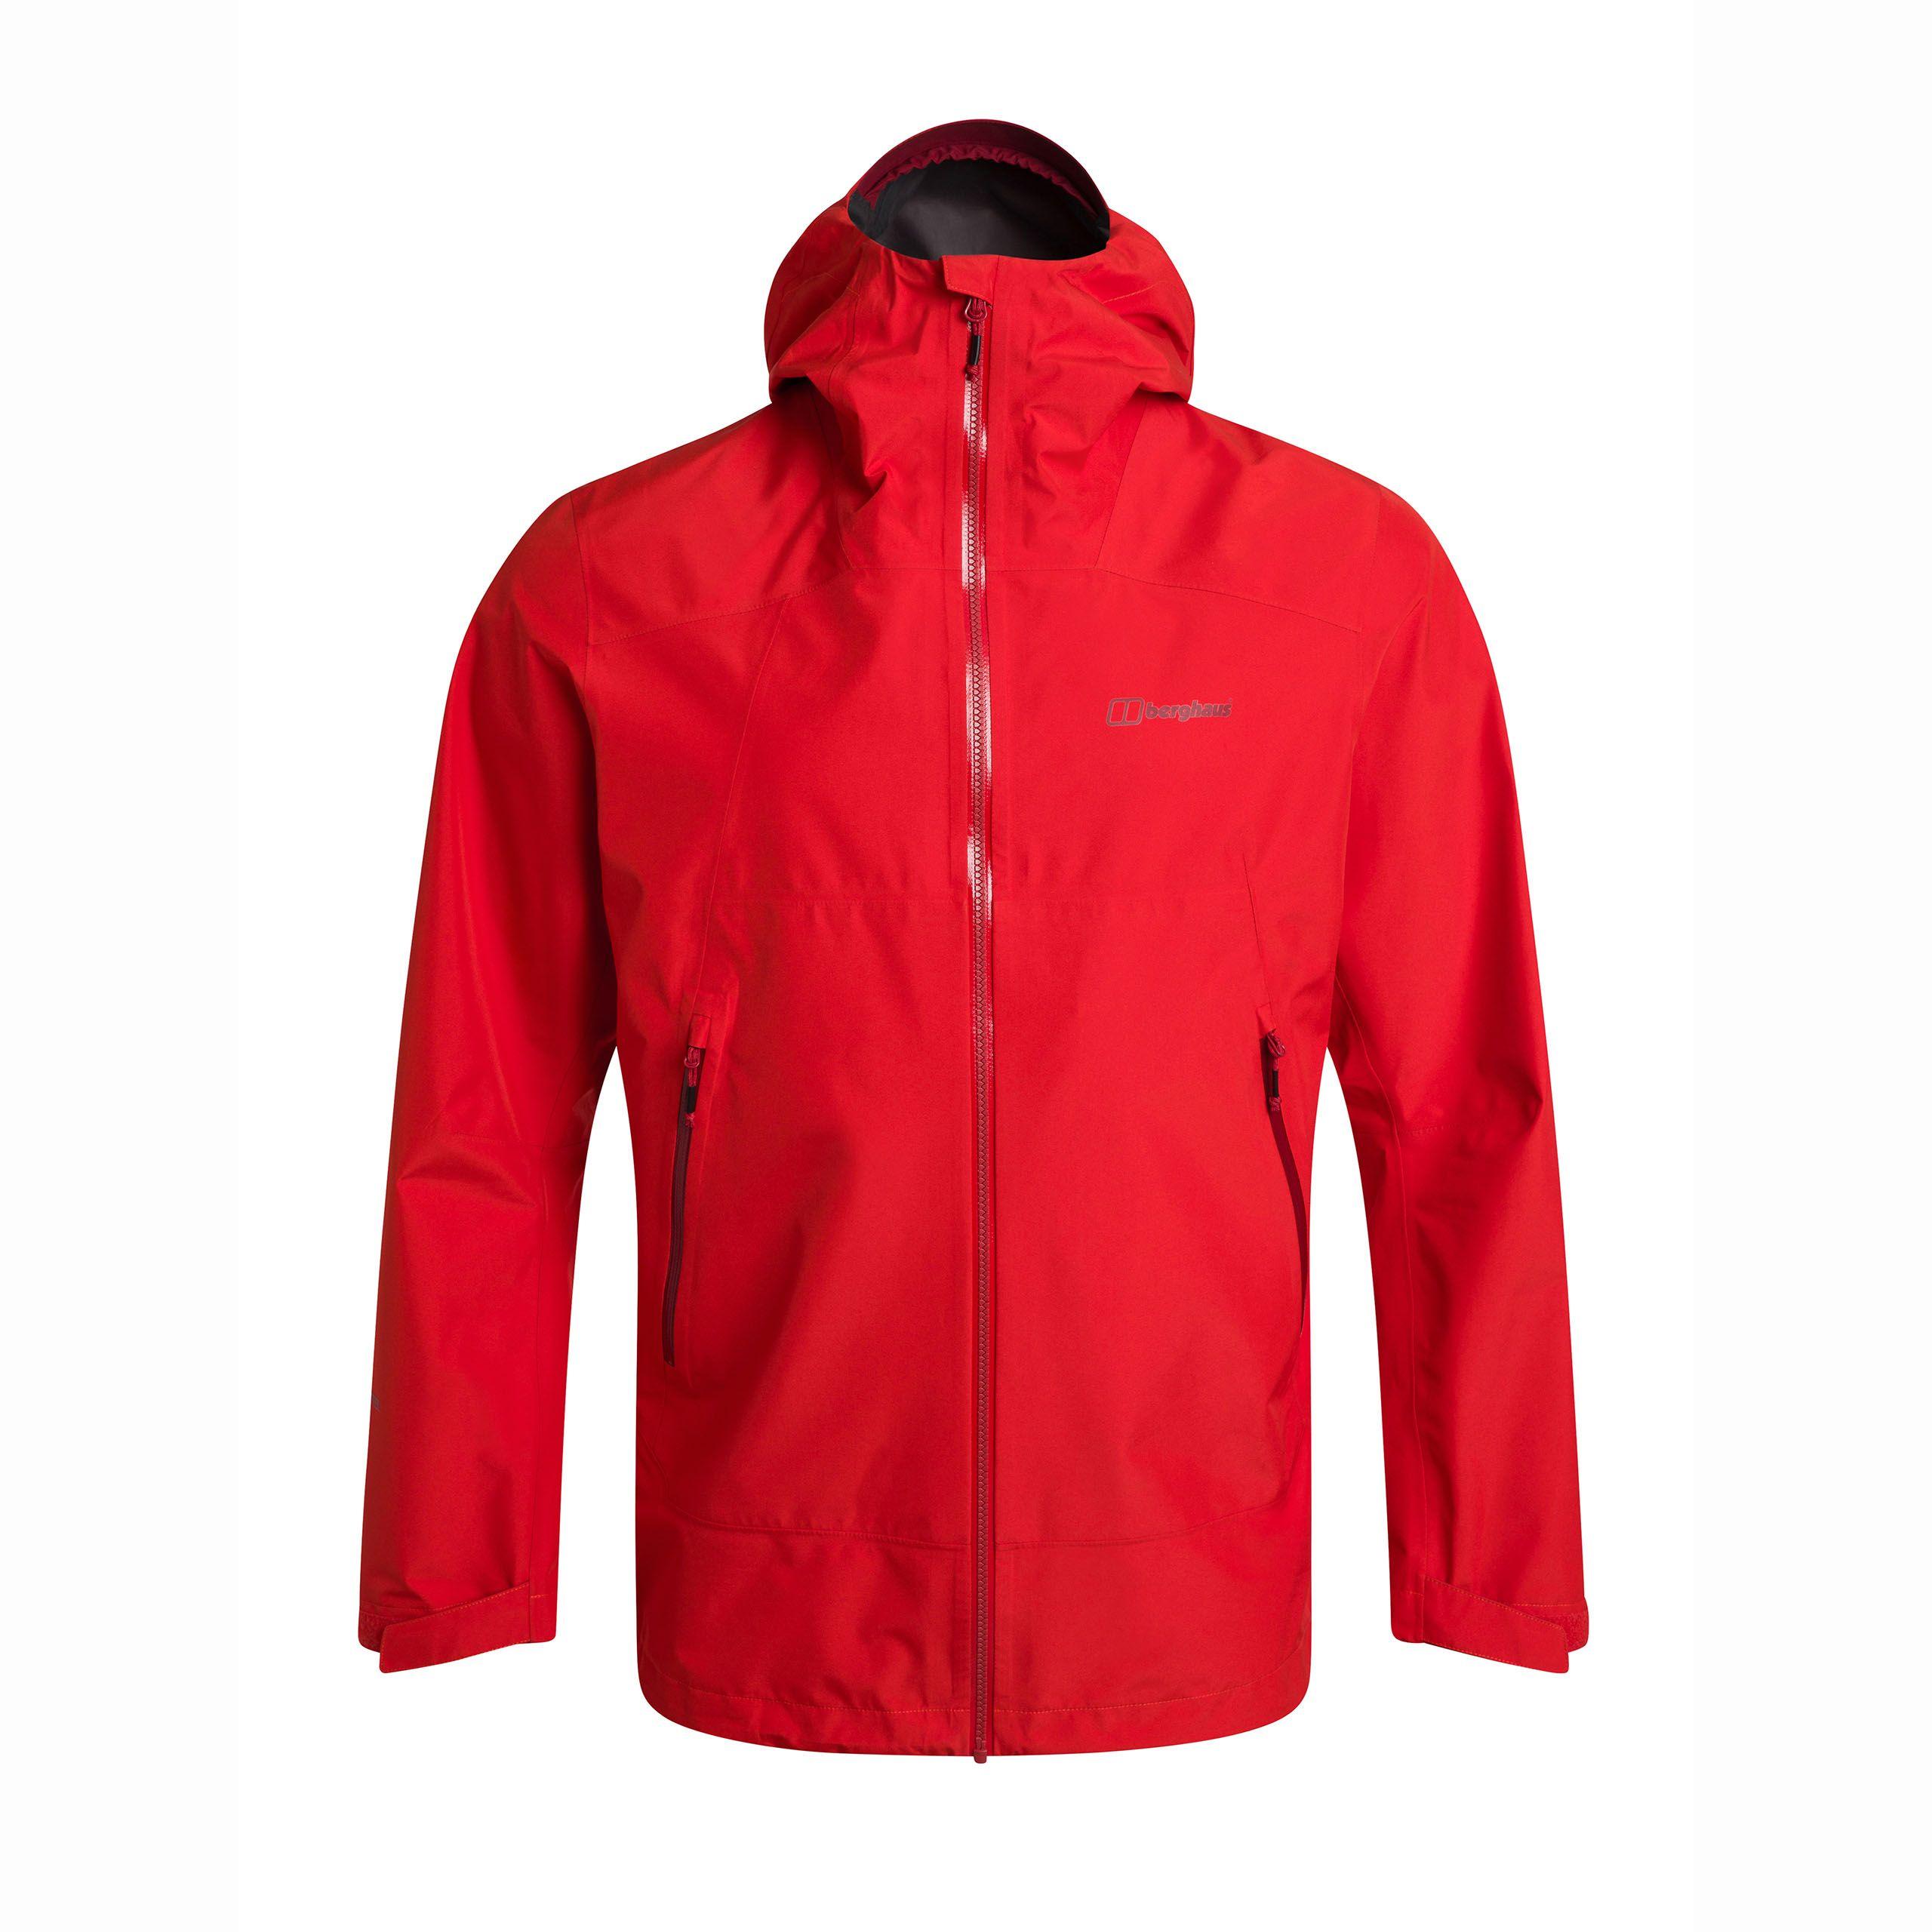 Berghaus Mens Paclite Peak Vented Gore-tex Waterproof Jacket